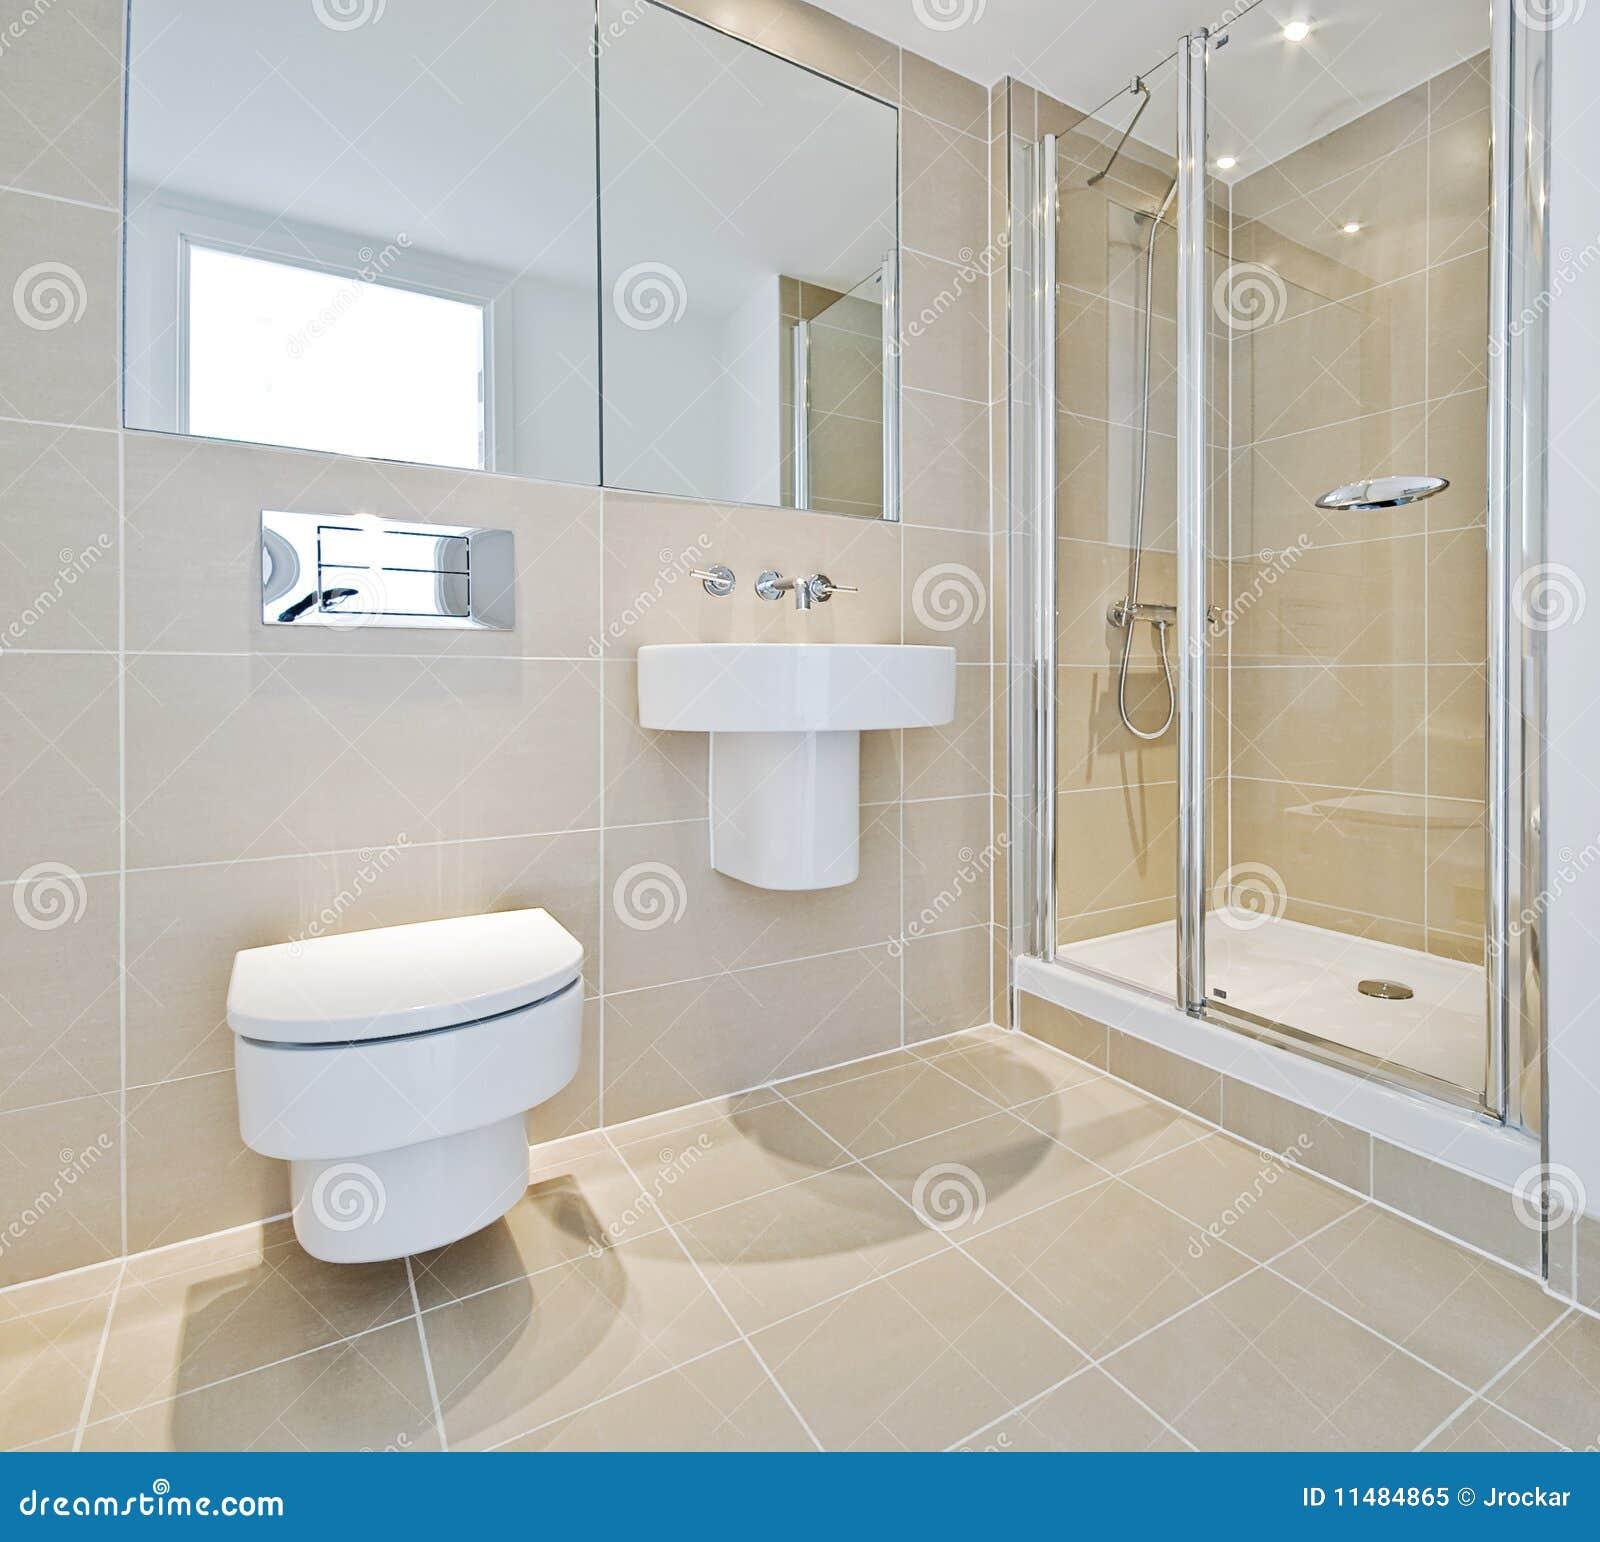 Baños Con Ducha En Esquina: archivo libre de regalías: Cuarto de baño con la esquina de la ducha